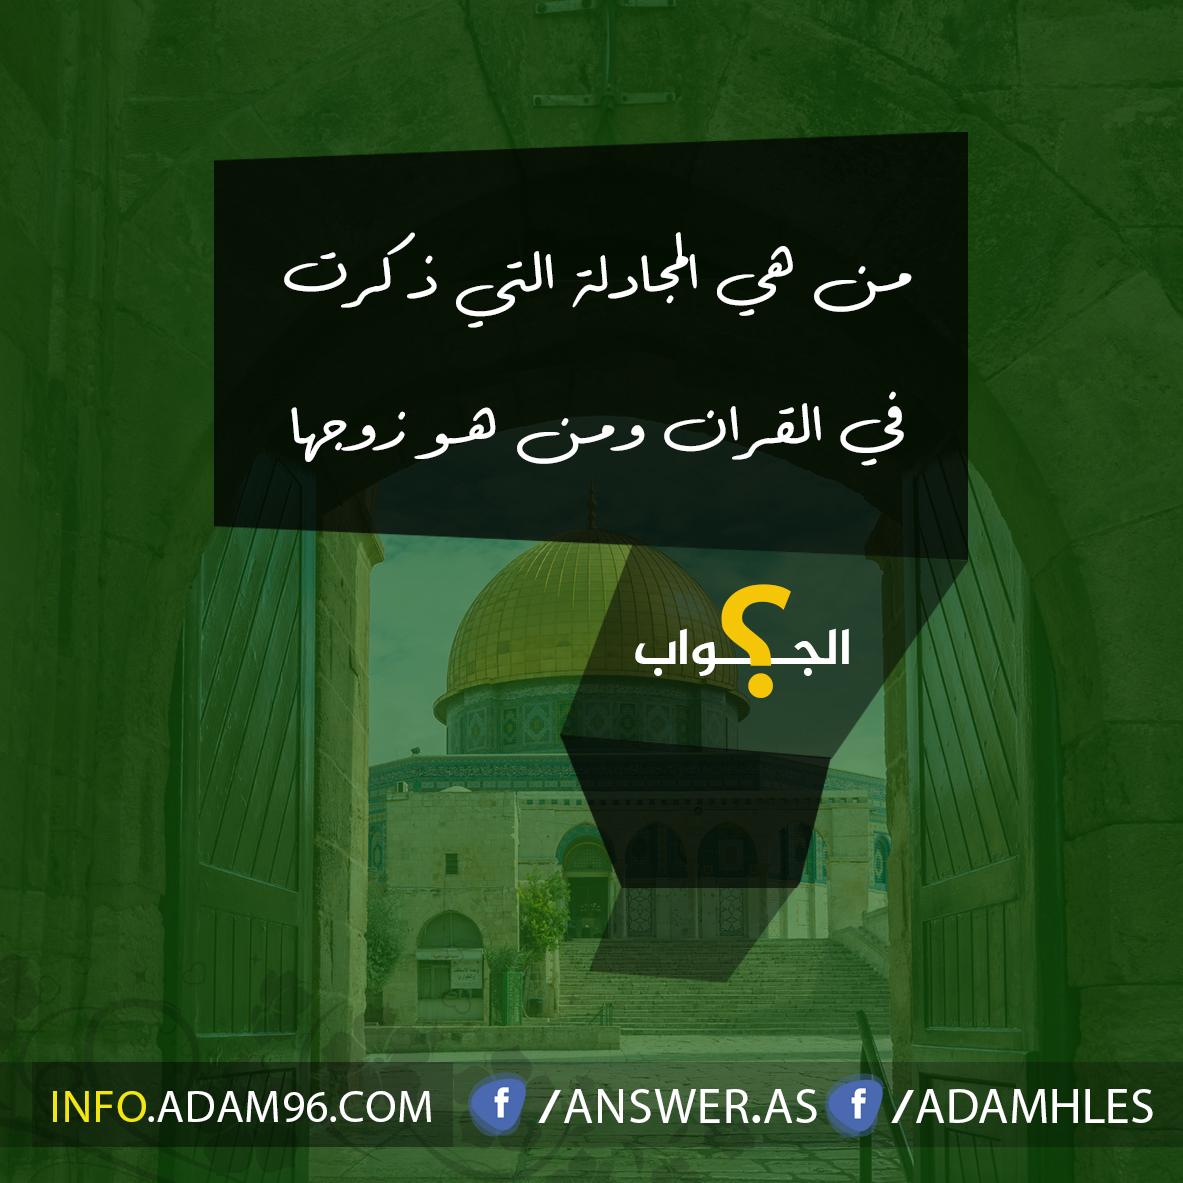 من هي المجادلة التي ذكرت في القرآن ومن هو زوجها سؤال مع اجابة